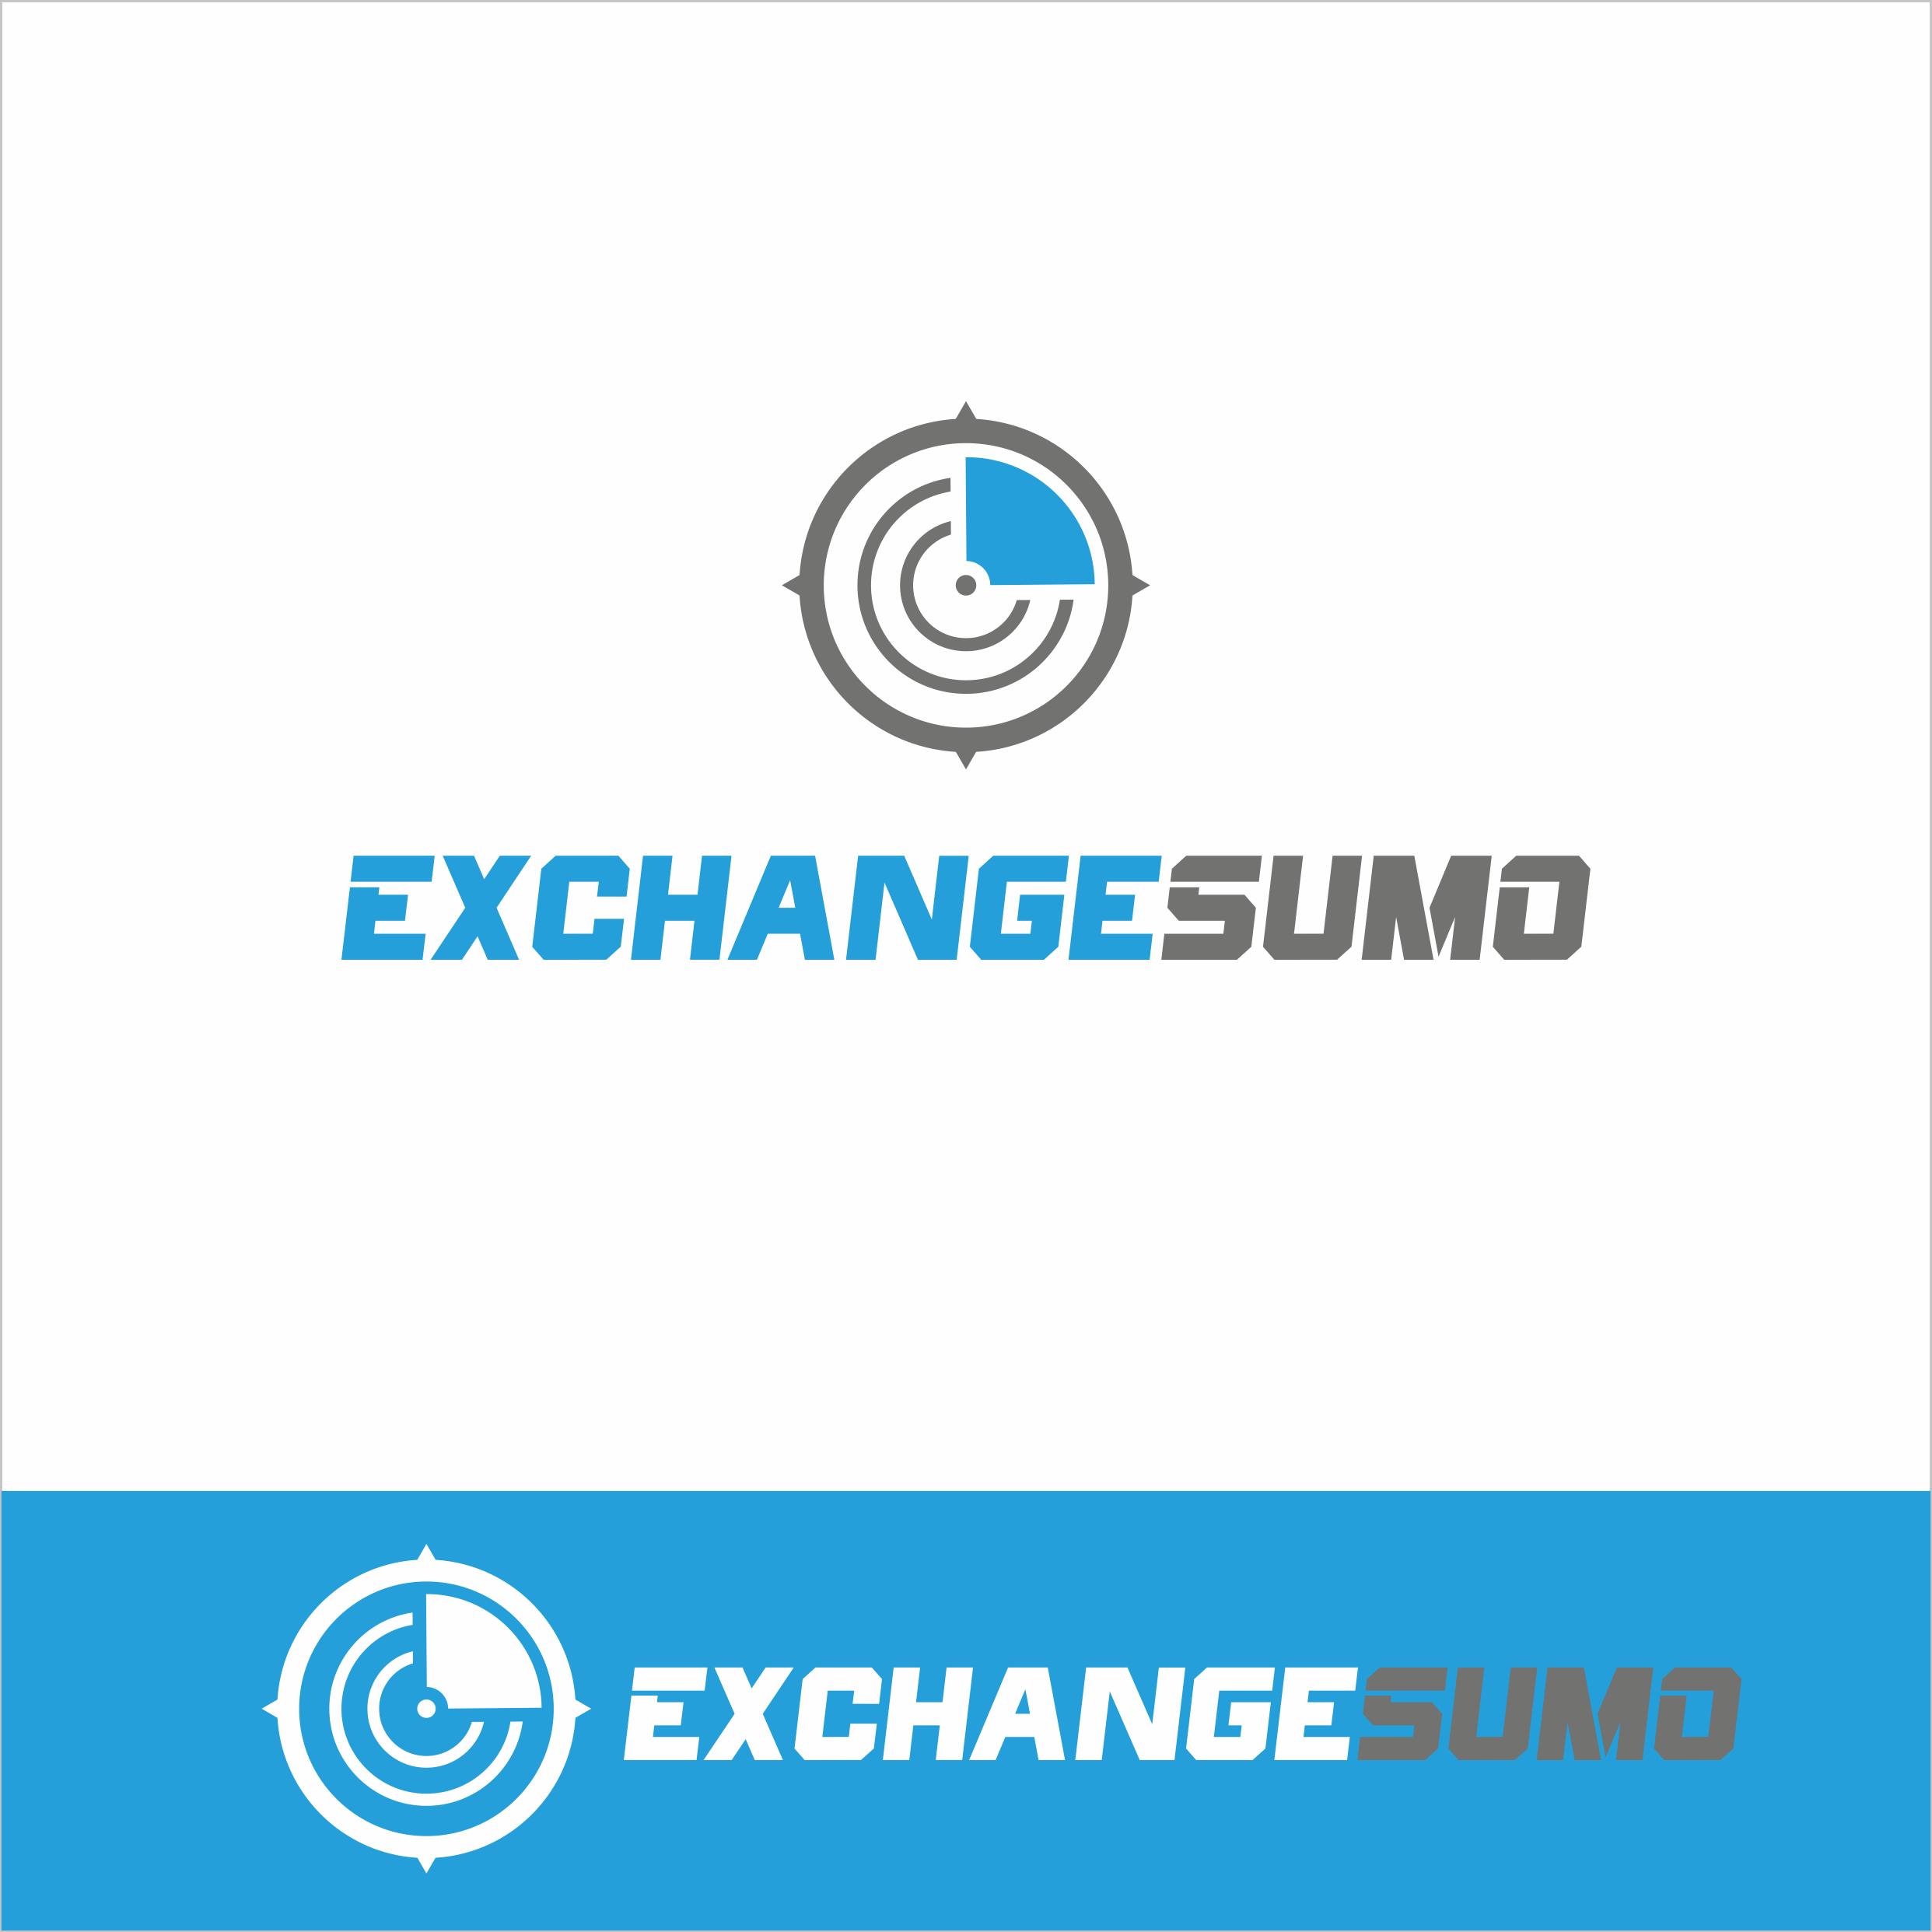 Логотип для мониторинга обменников фото f_8065bafad0a6974c.png